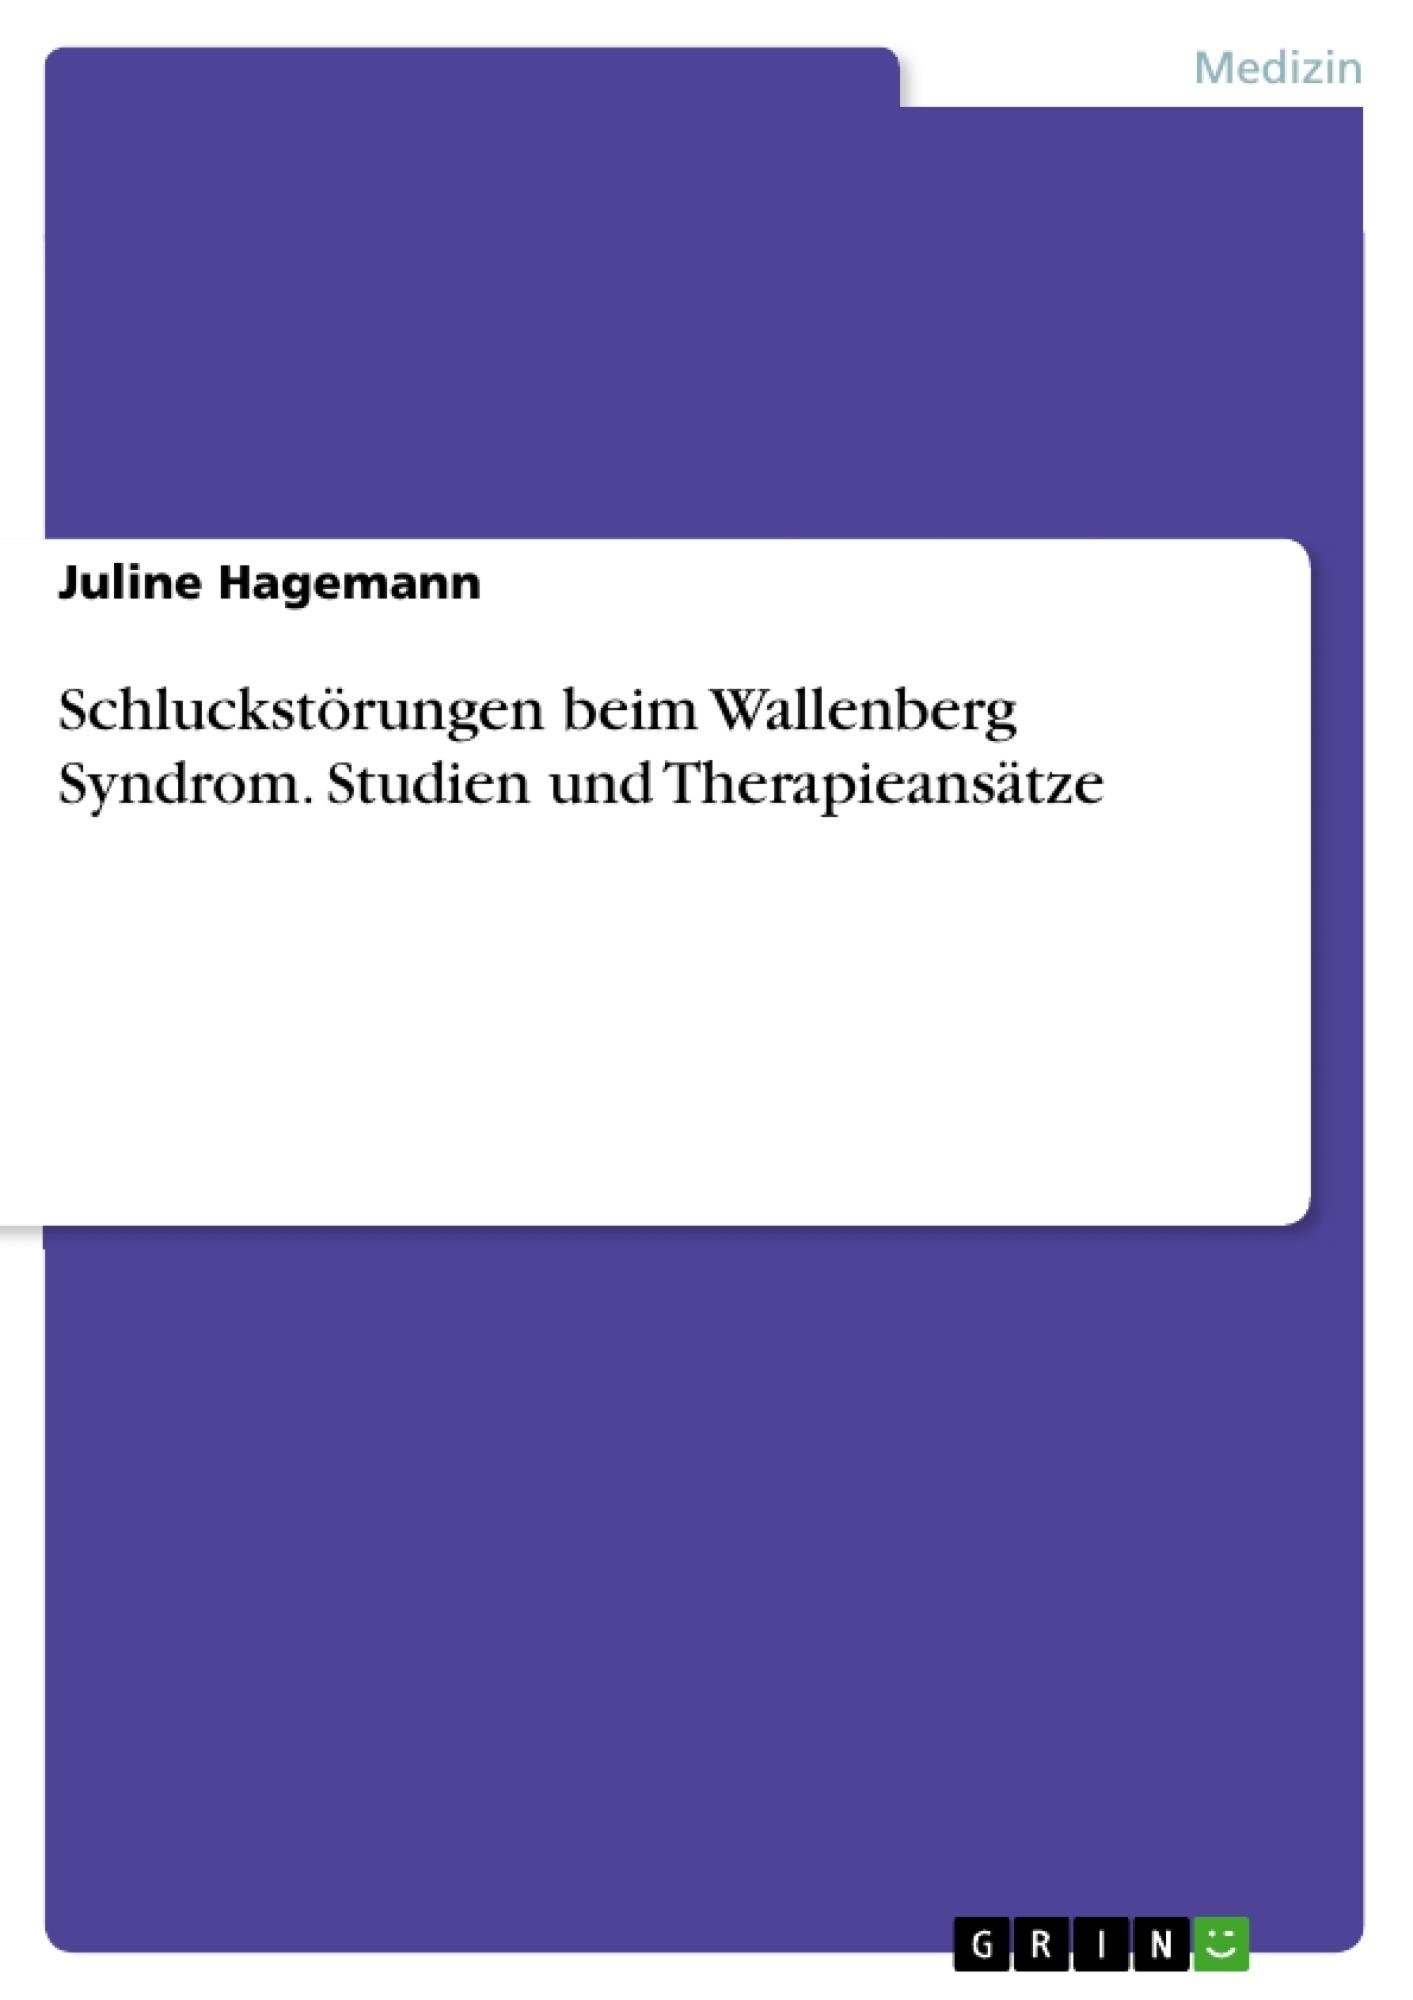 Titel: Schluckstörungen beim Wallenberg Syndrom. Studien und Therapieansätze